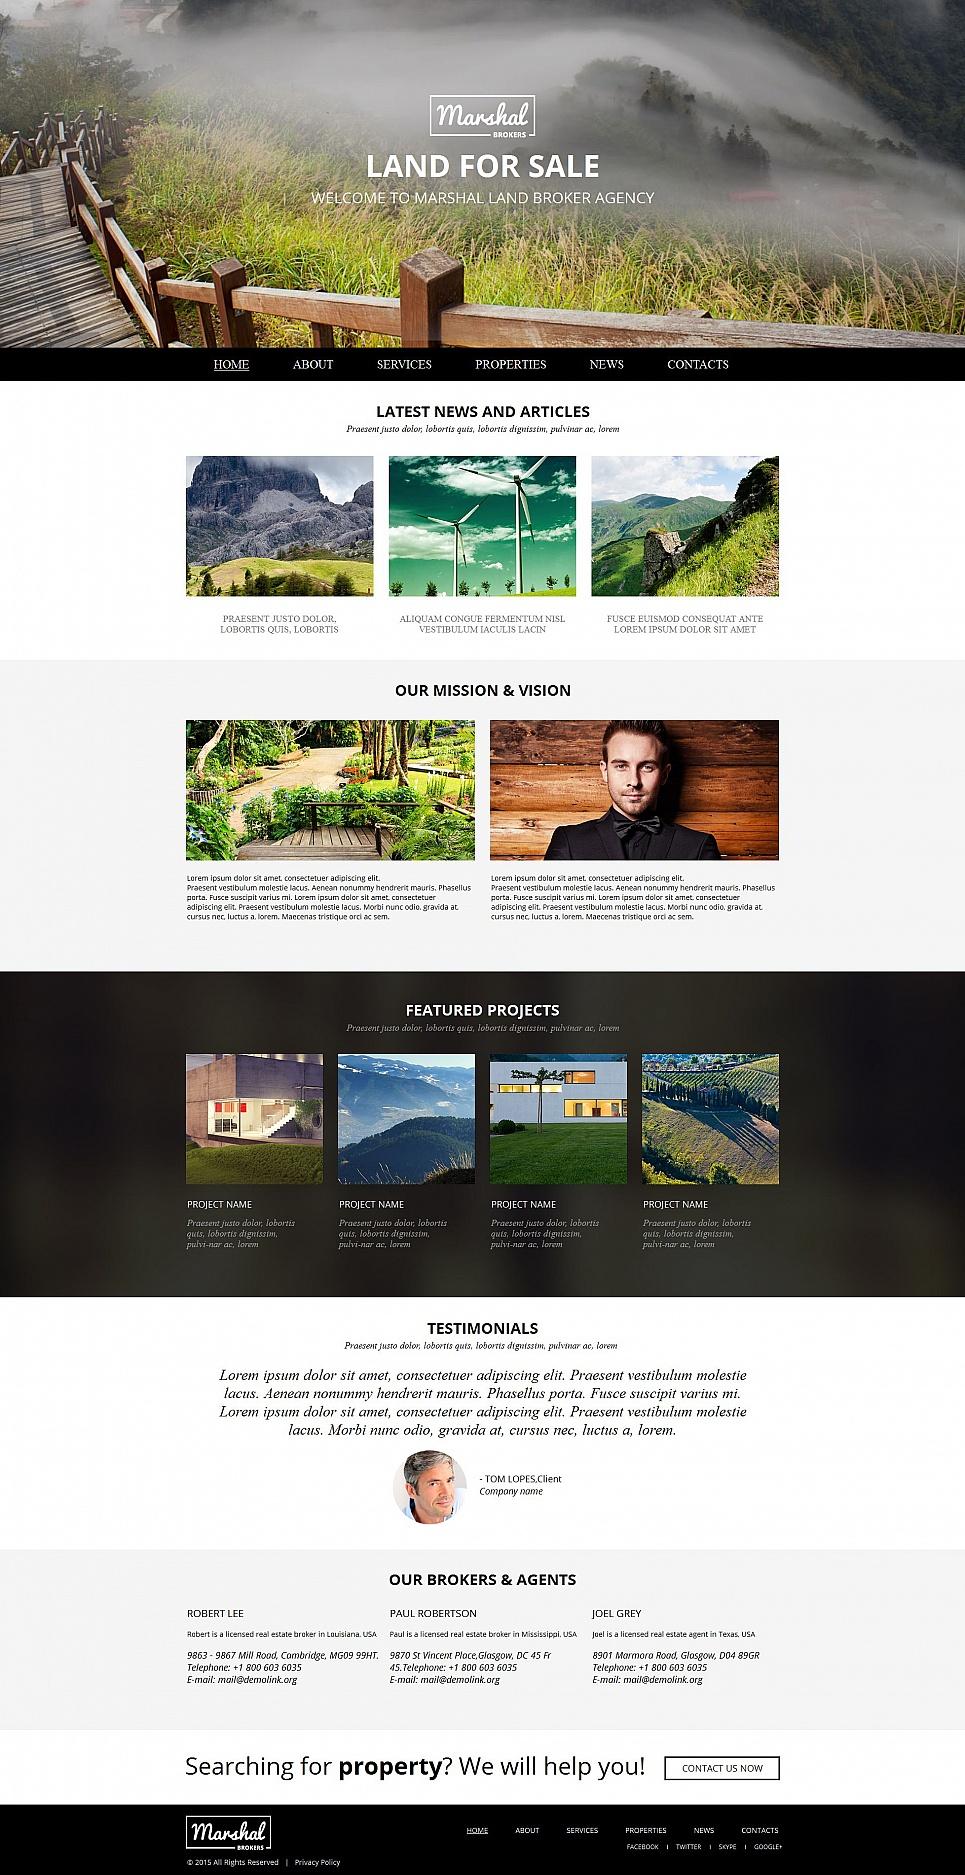 MotoCMS HTML Шаблон #54682 из категории Недвижимость - image